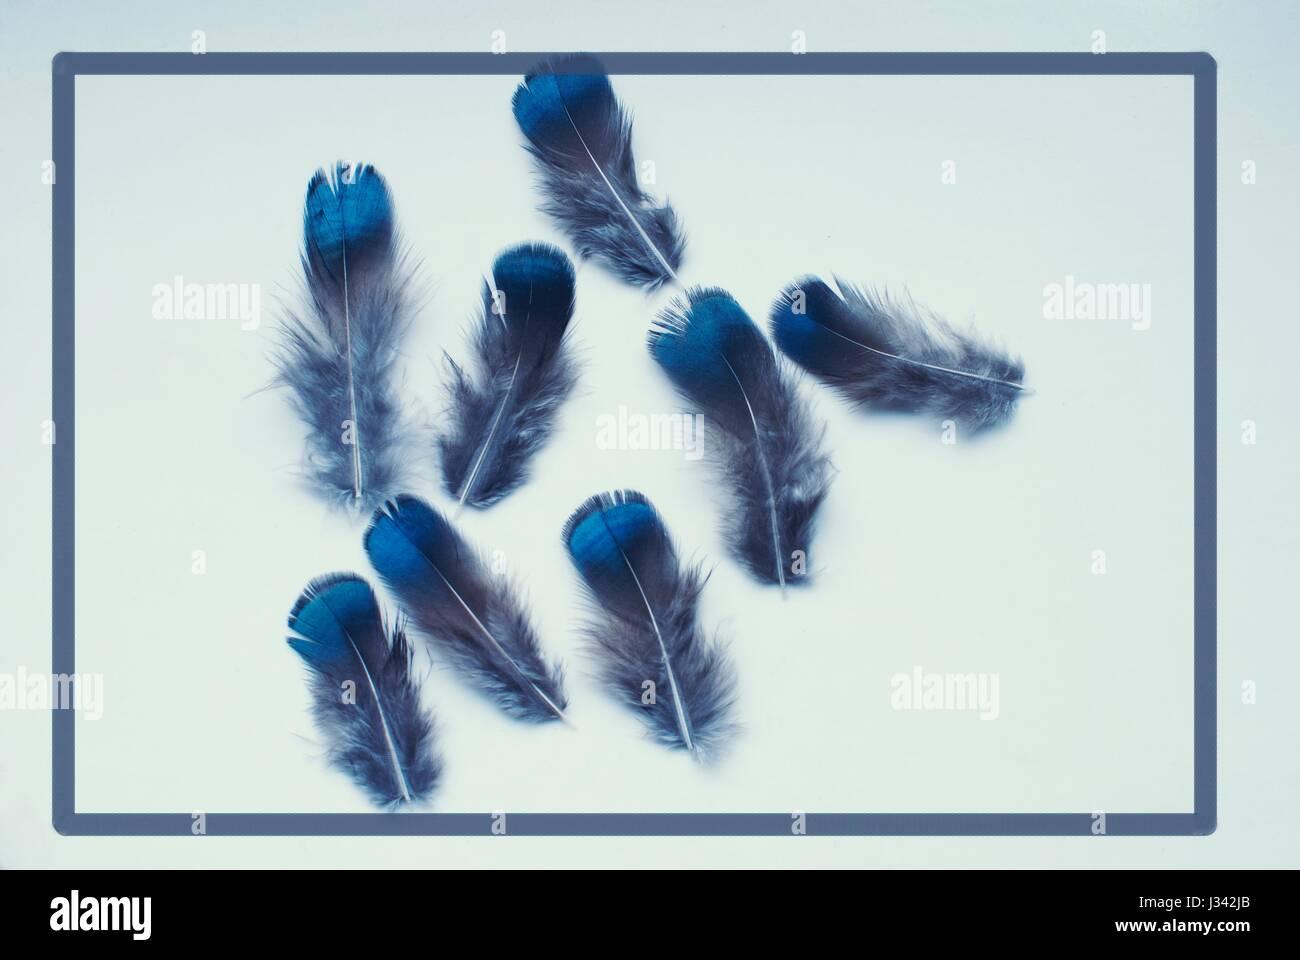 Gruppe von Federn mit blauen Ende. Stockbild